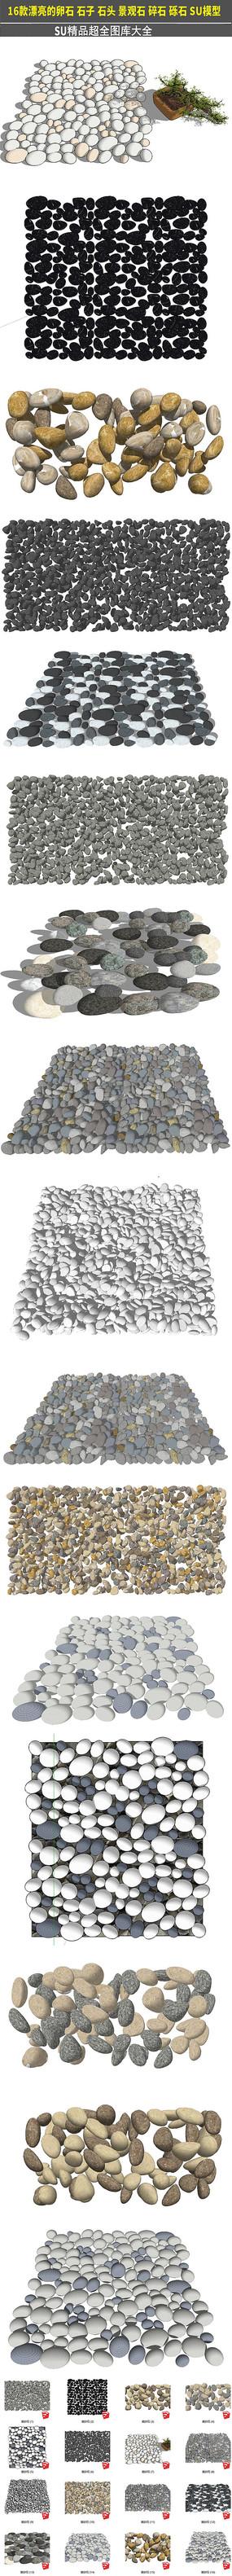 鹅卵石石头SU模型图集